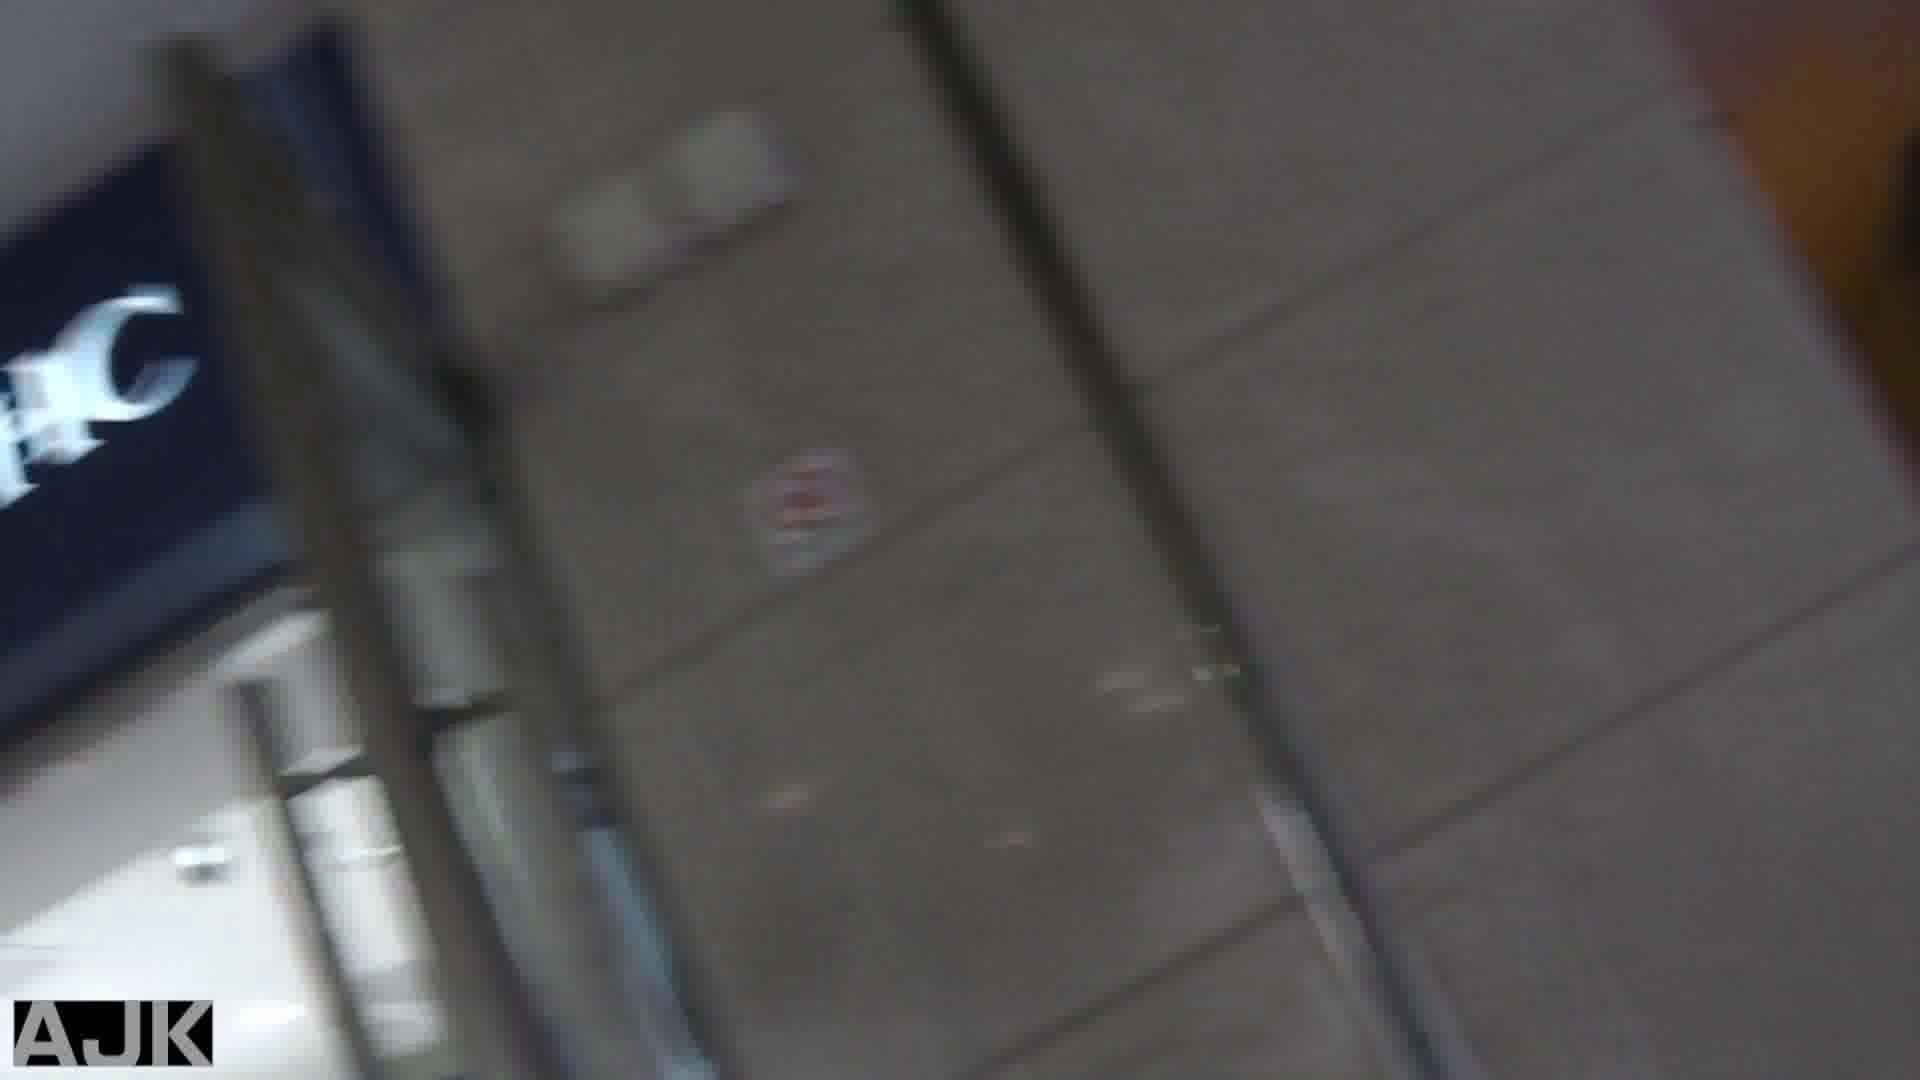 神降臨!史上最強の潜入かわや! vol.09 OLのエロ生活 盗み撮り動画キャプチャ 44連発 44